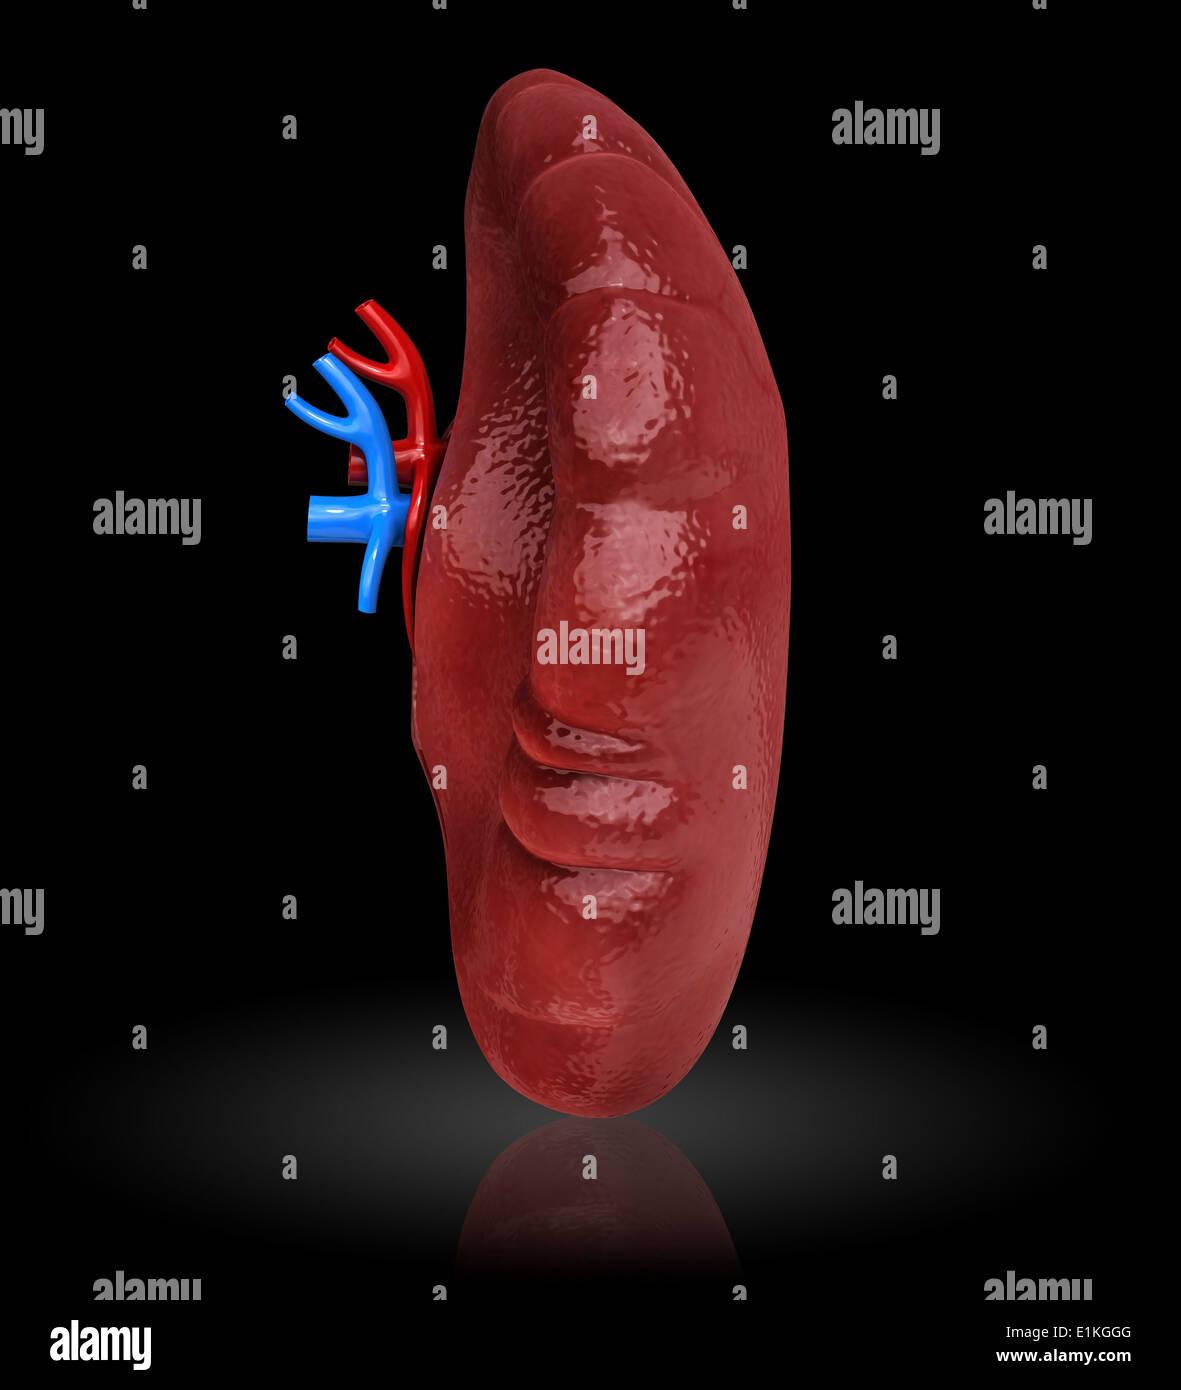 Bazo humano cut-away equipo ilustraciones Foto & Imagen De Stock ...